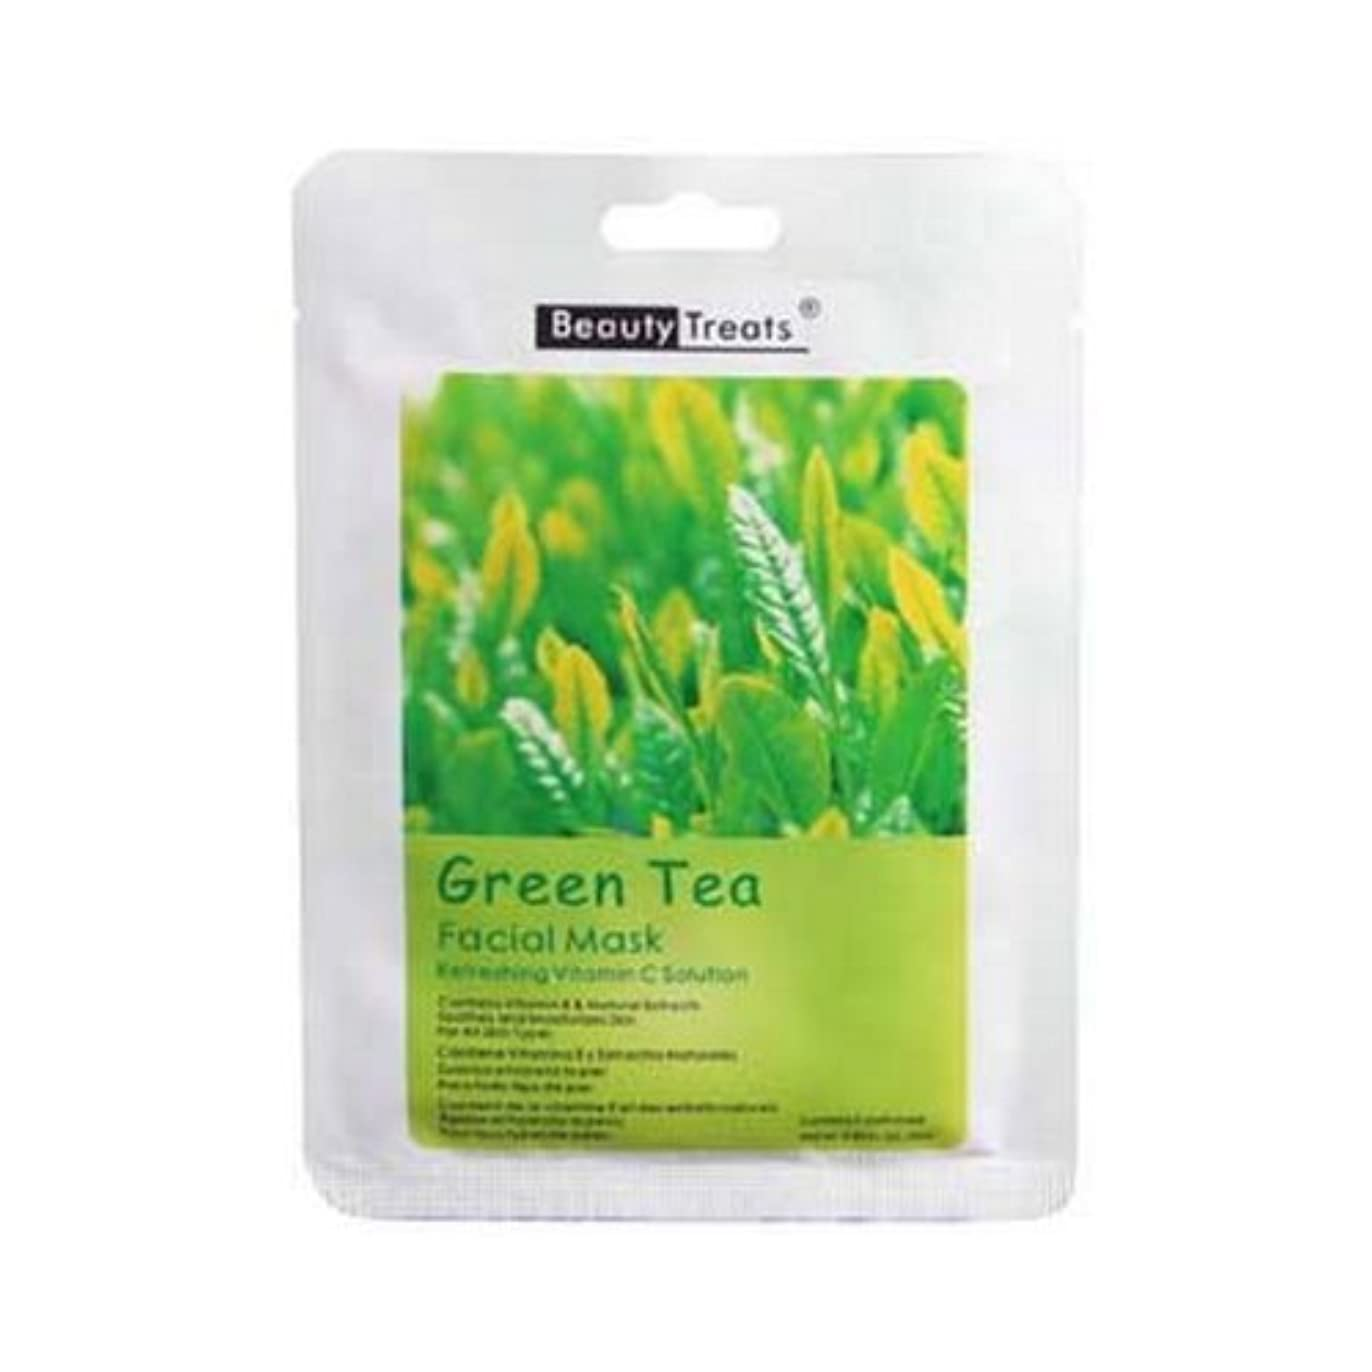 連鎖オーブン勝利した(3 Pack) BEAUTY TREATS Facial Mask Refreshing Vitamin C Solution - Green Tea (並行輸入品)